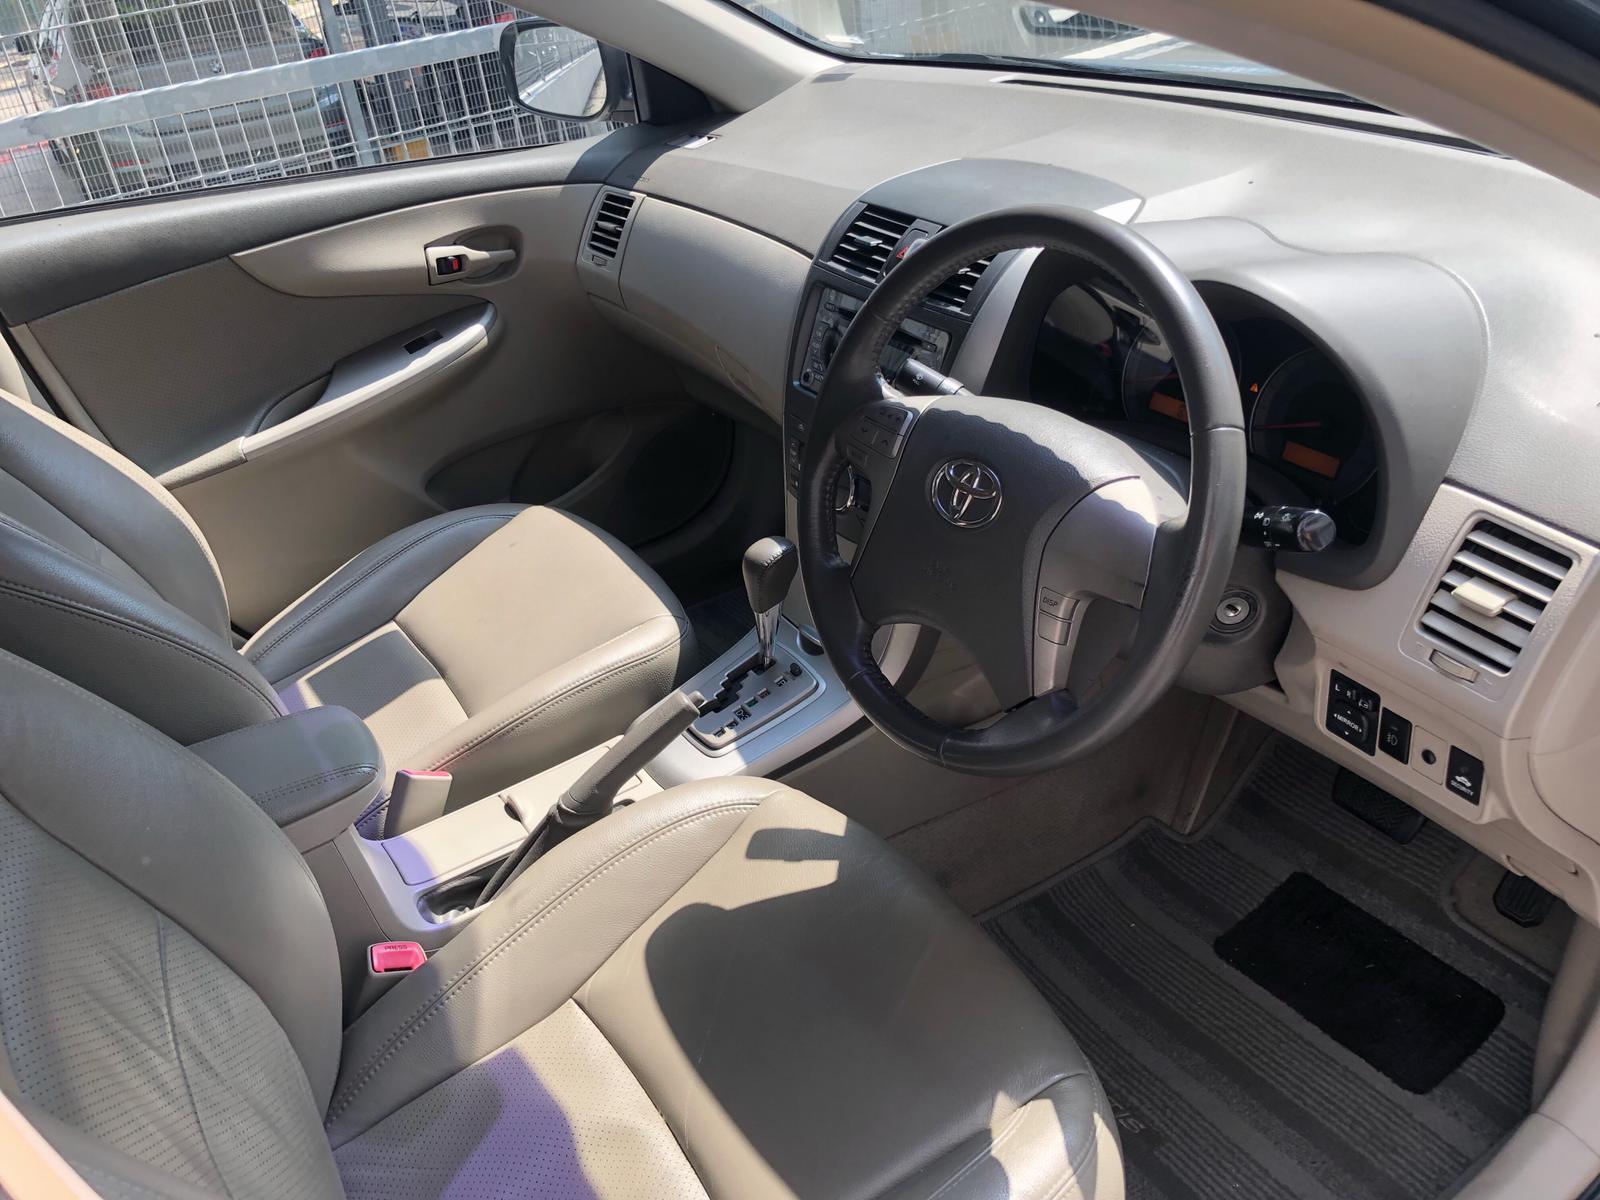 TOYOTA ALTIS 1.6a gojek rebate grab phv cheaper rent cars.$50 per say